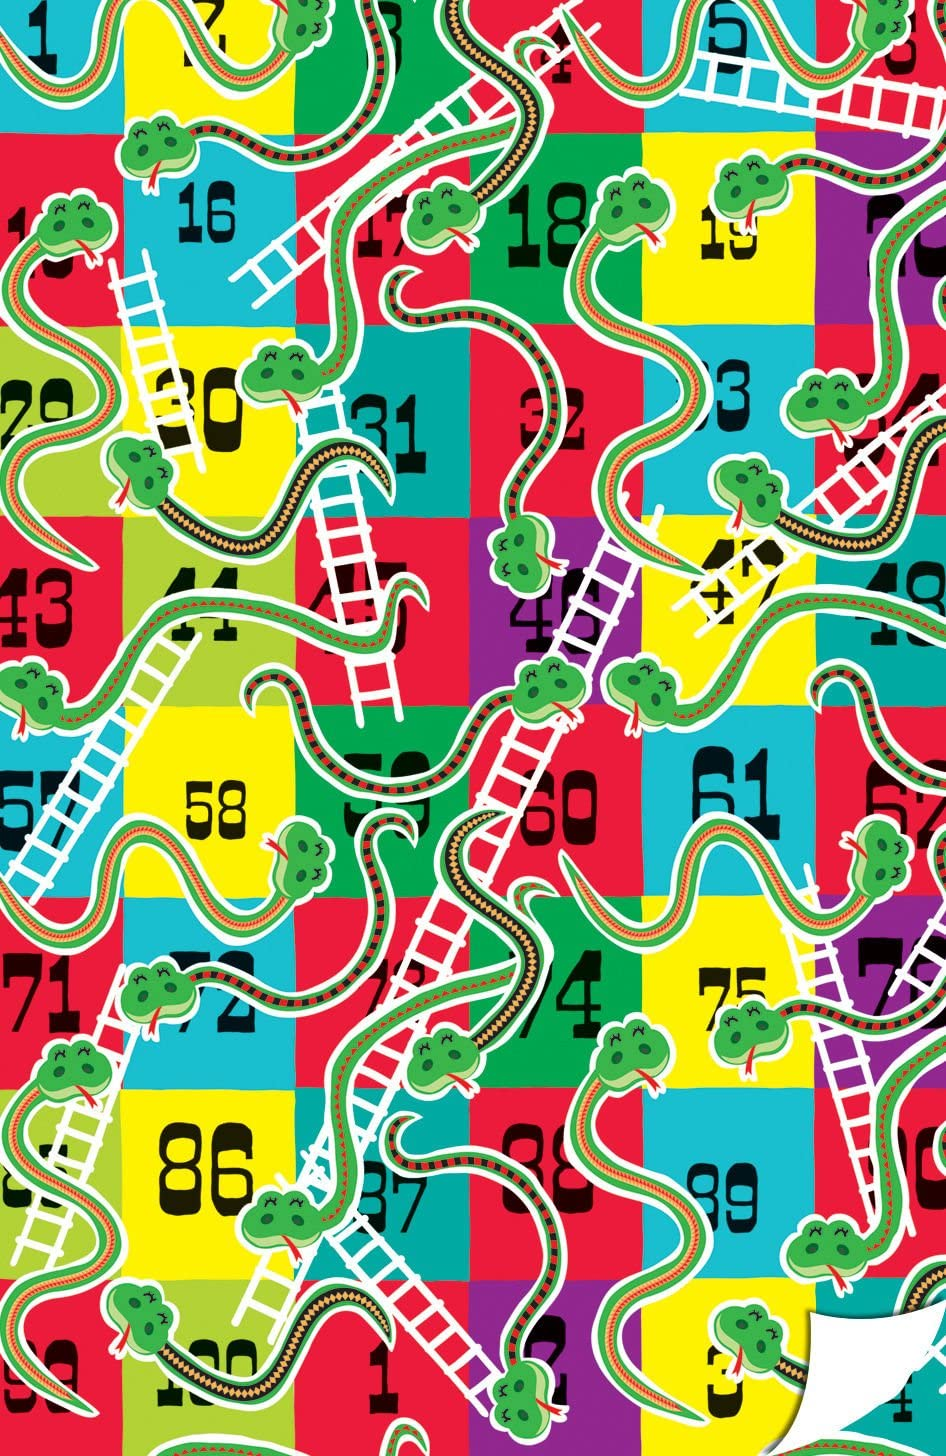 Serpientes y Escaleras Retro de tablero plegado de regalo 2 Gloss Hojas: Amazon.es: Oficina y papelería